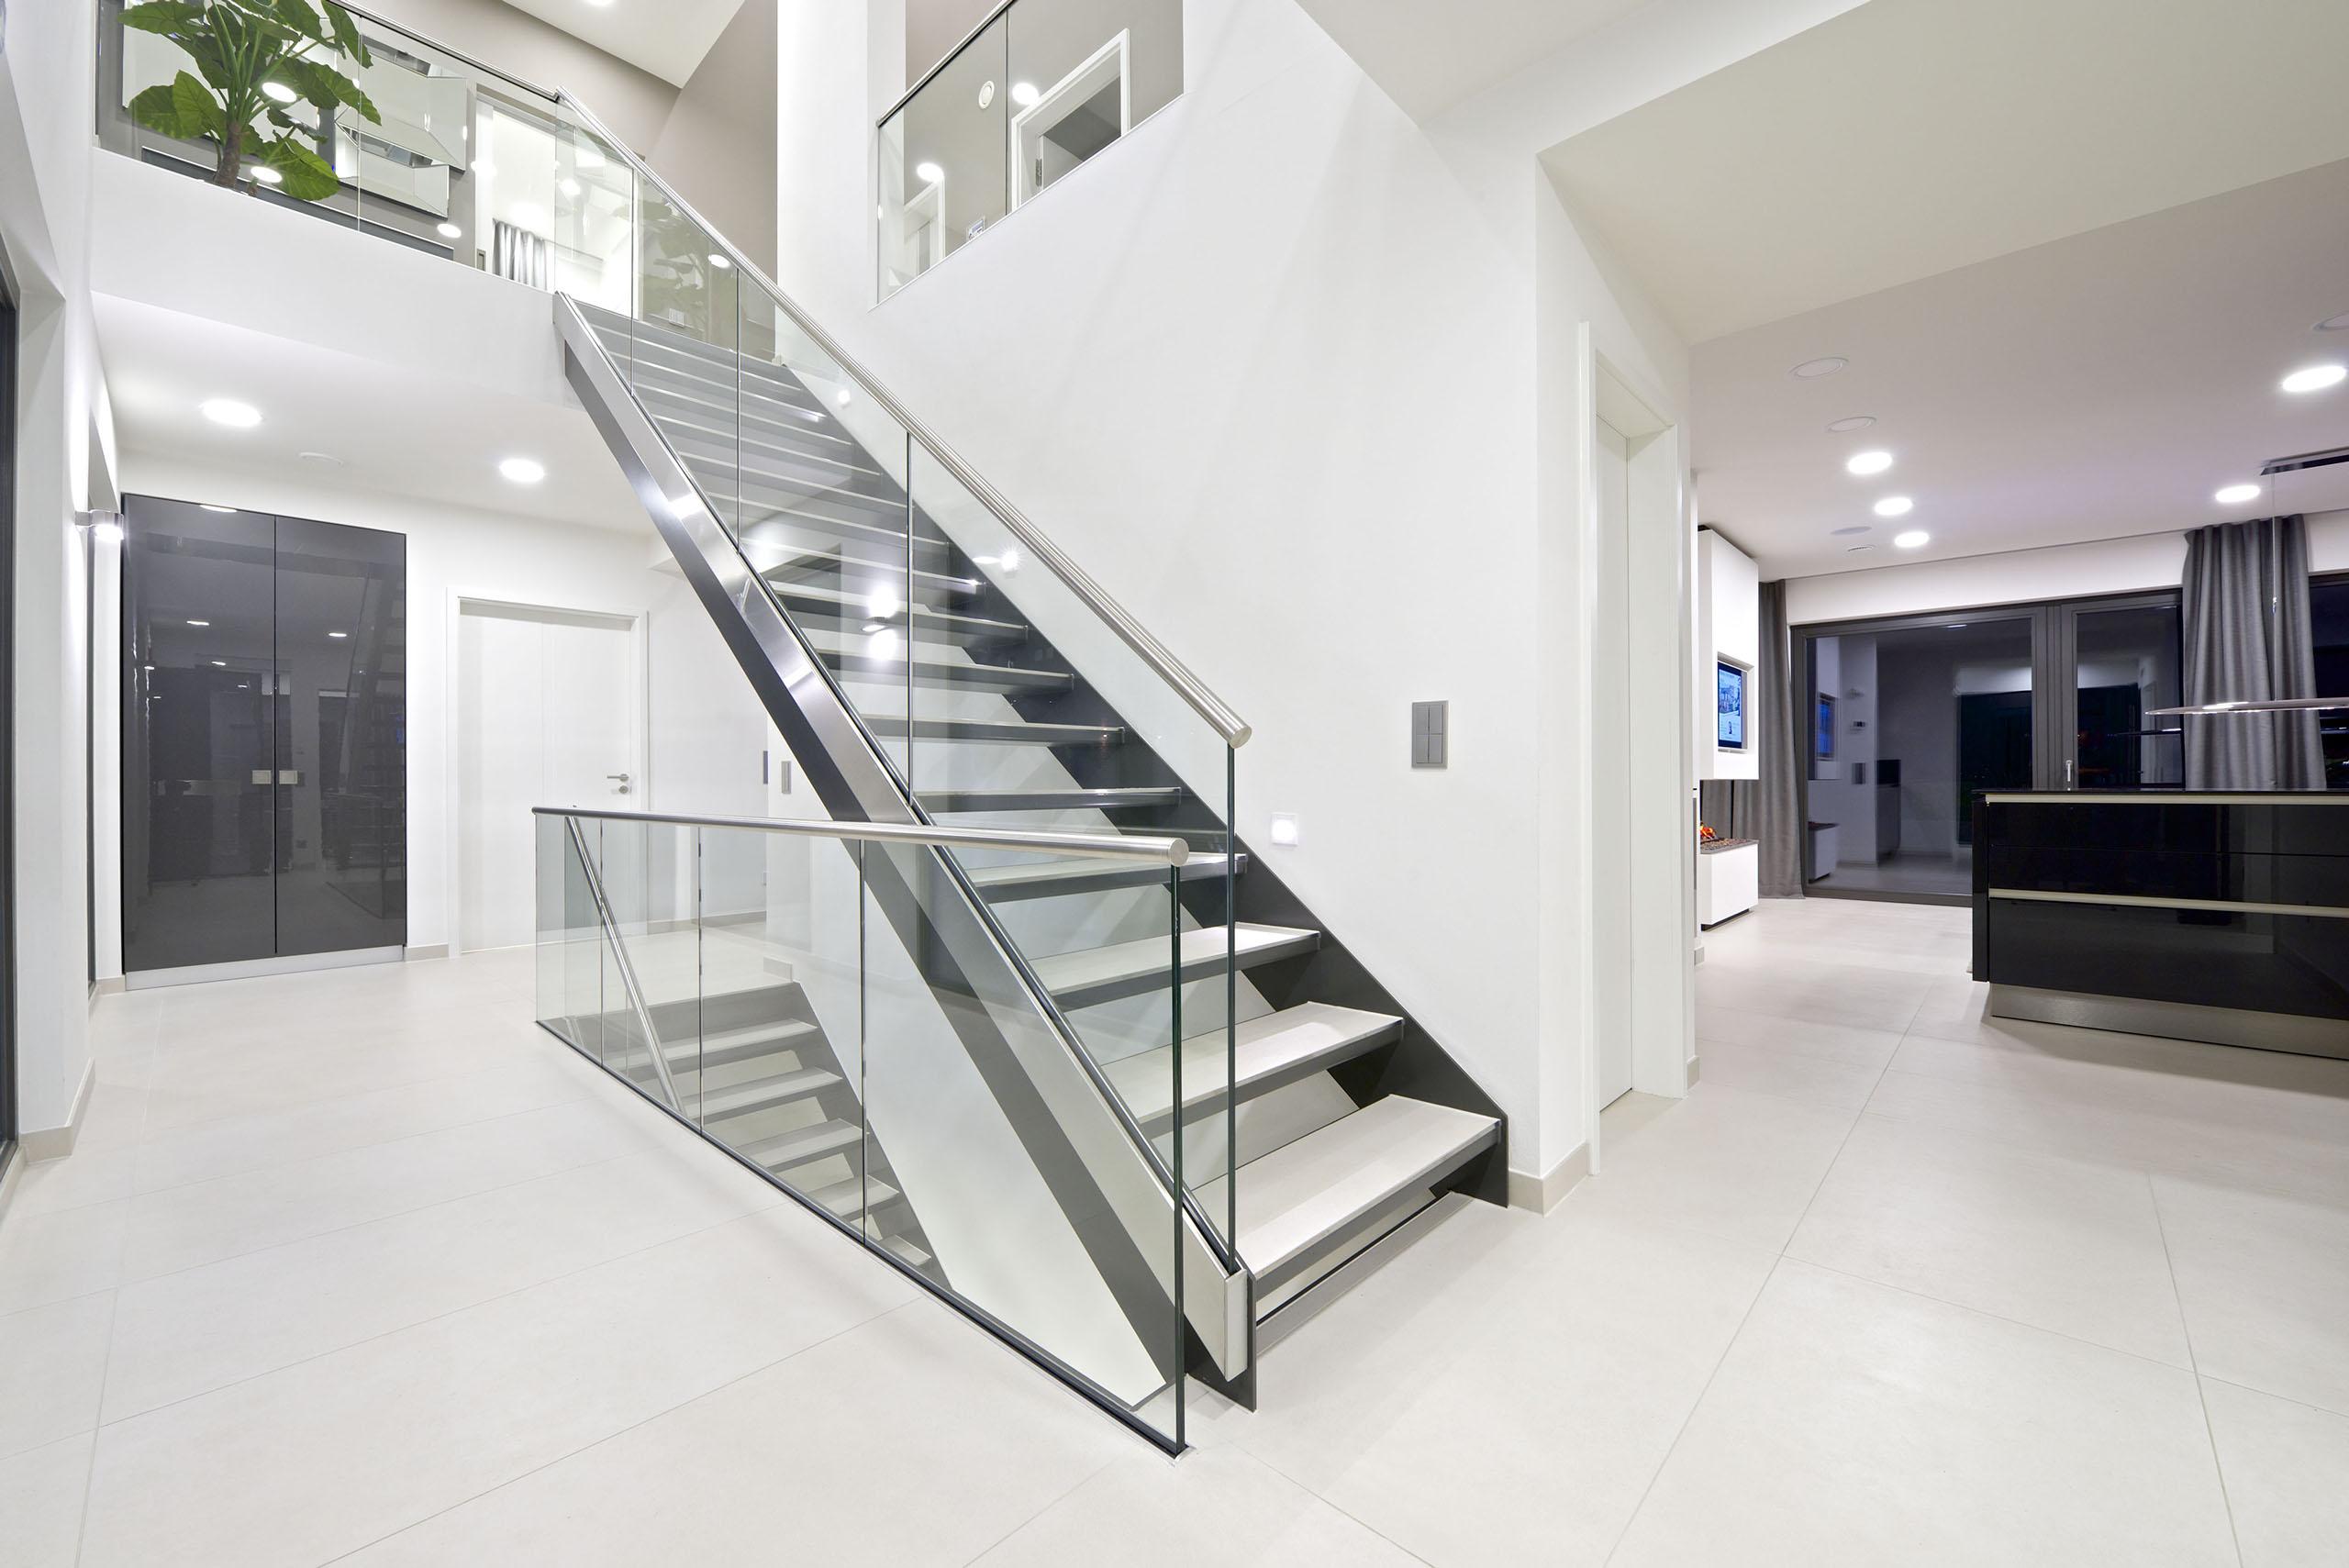 Treppen architektur bei finden sie ihre treppe - Treppen architektur ...